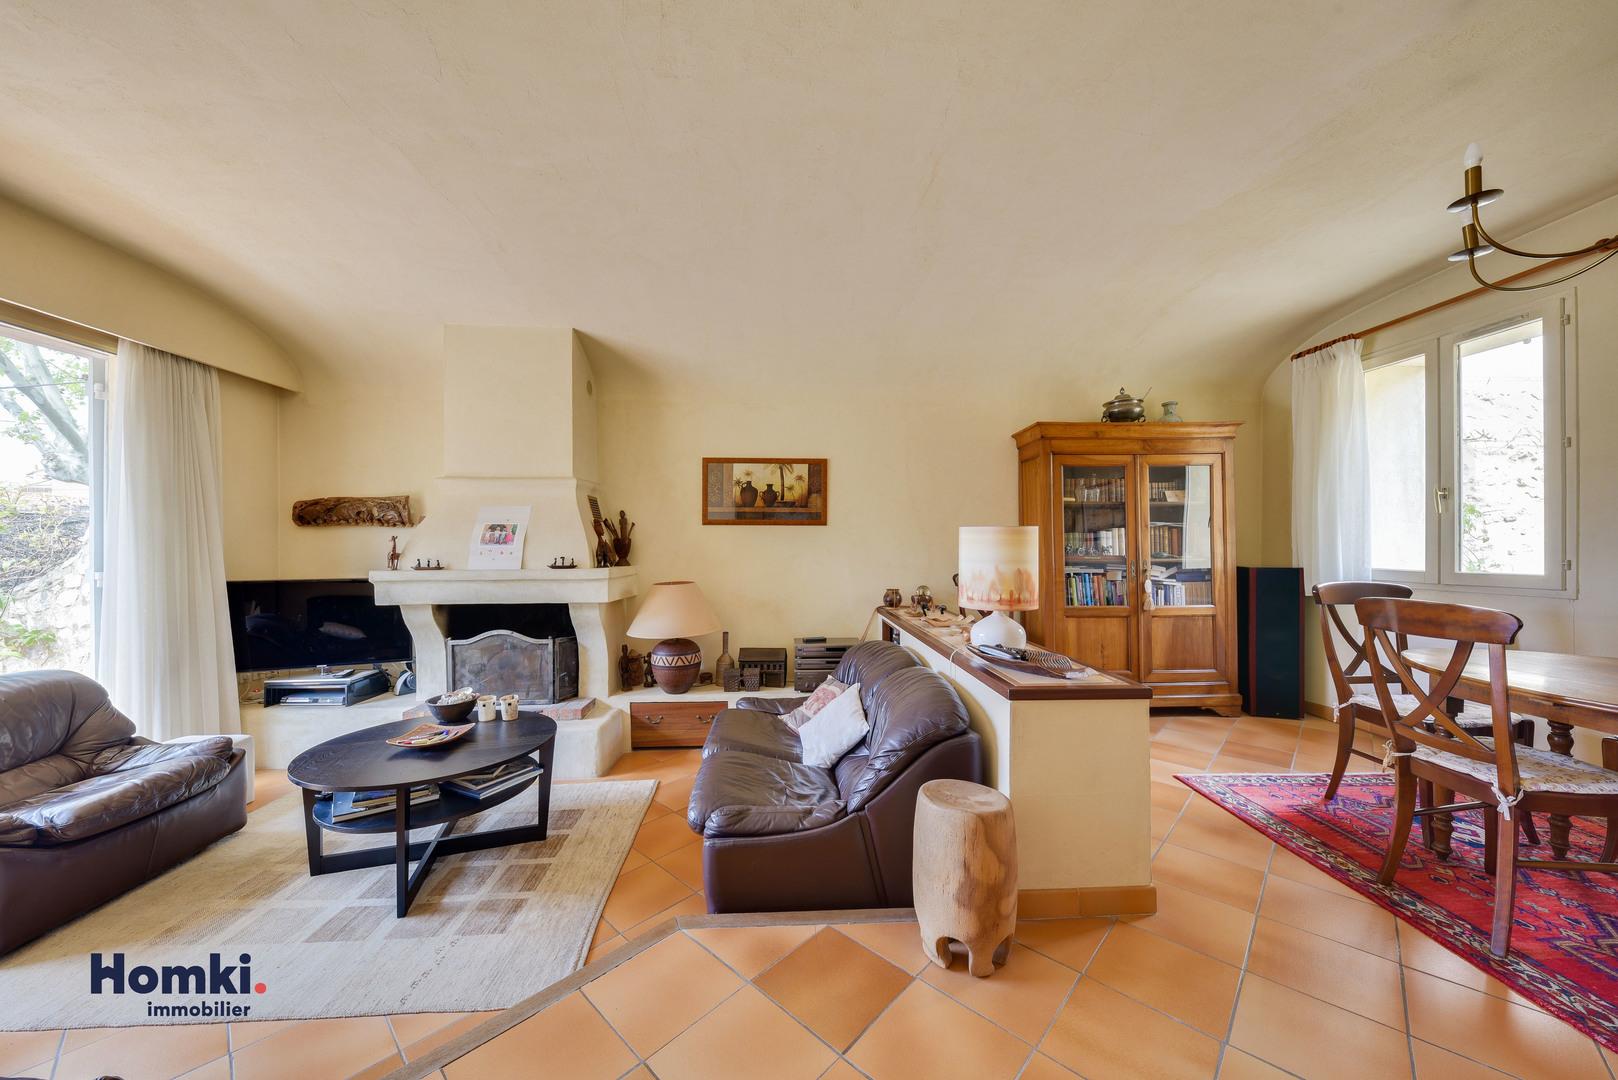 Vente Maison 105m² T4 13007 ROUCAS BOMPARD_5